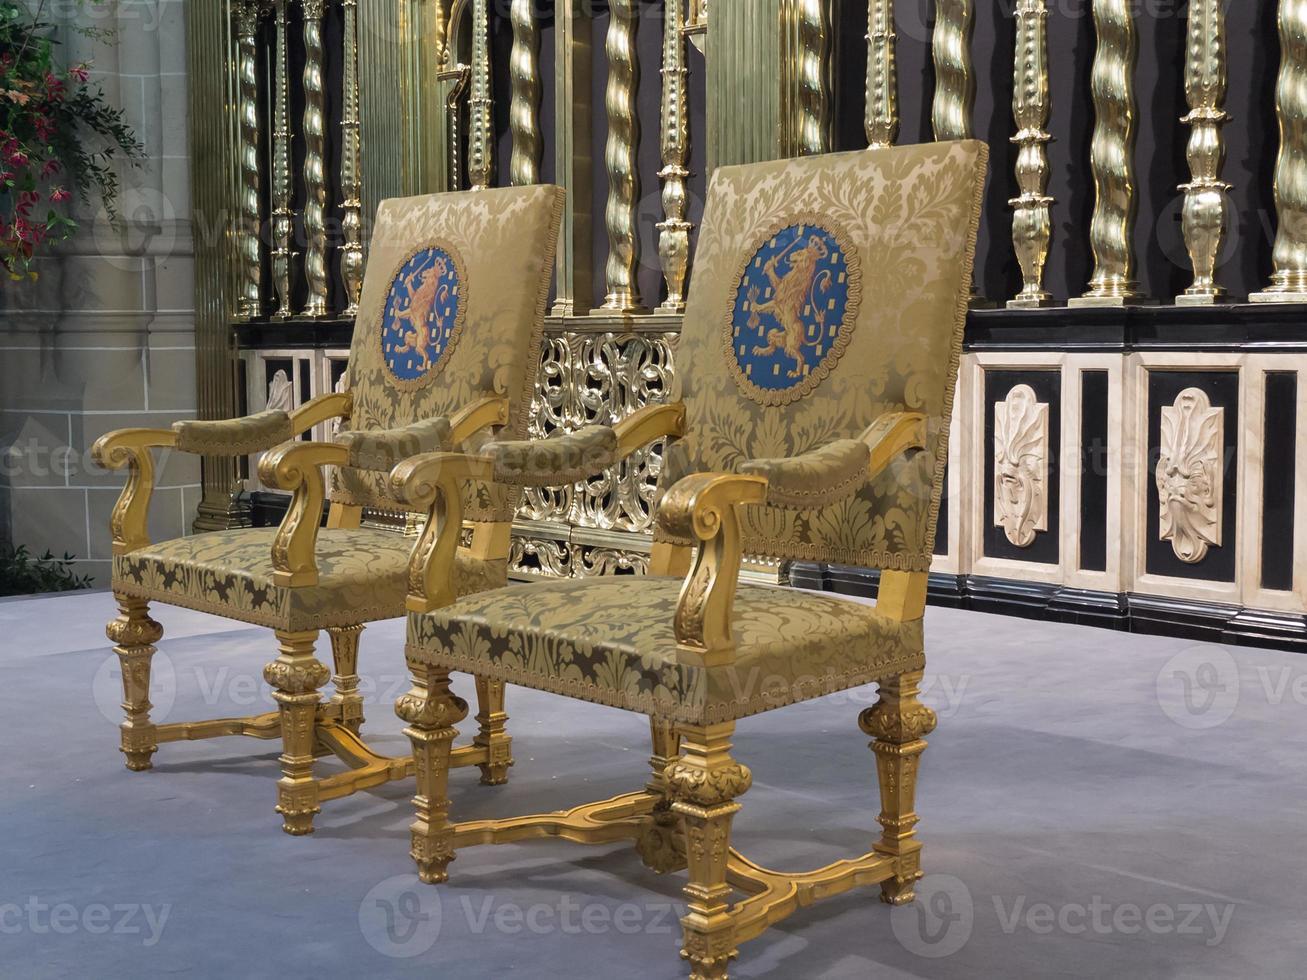 asientos reales como los utilizados durante la inauguración del nuevo rey foto